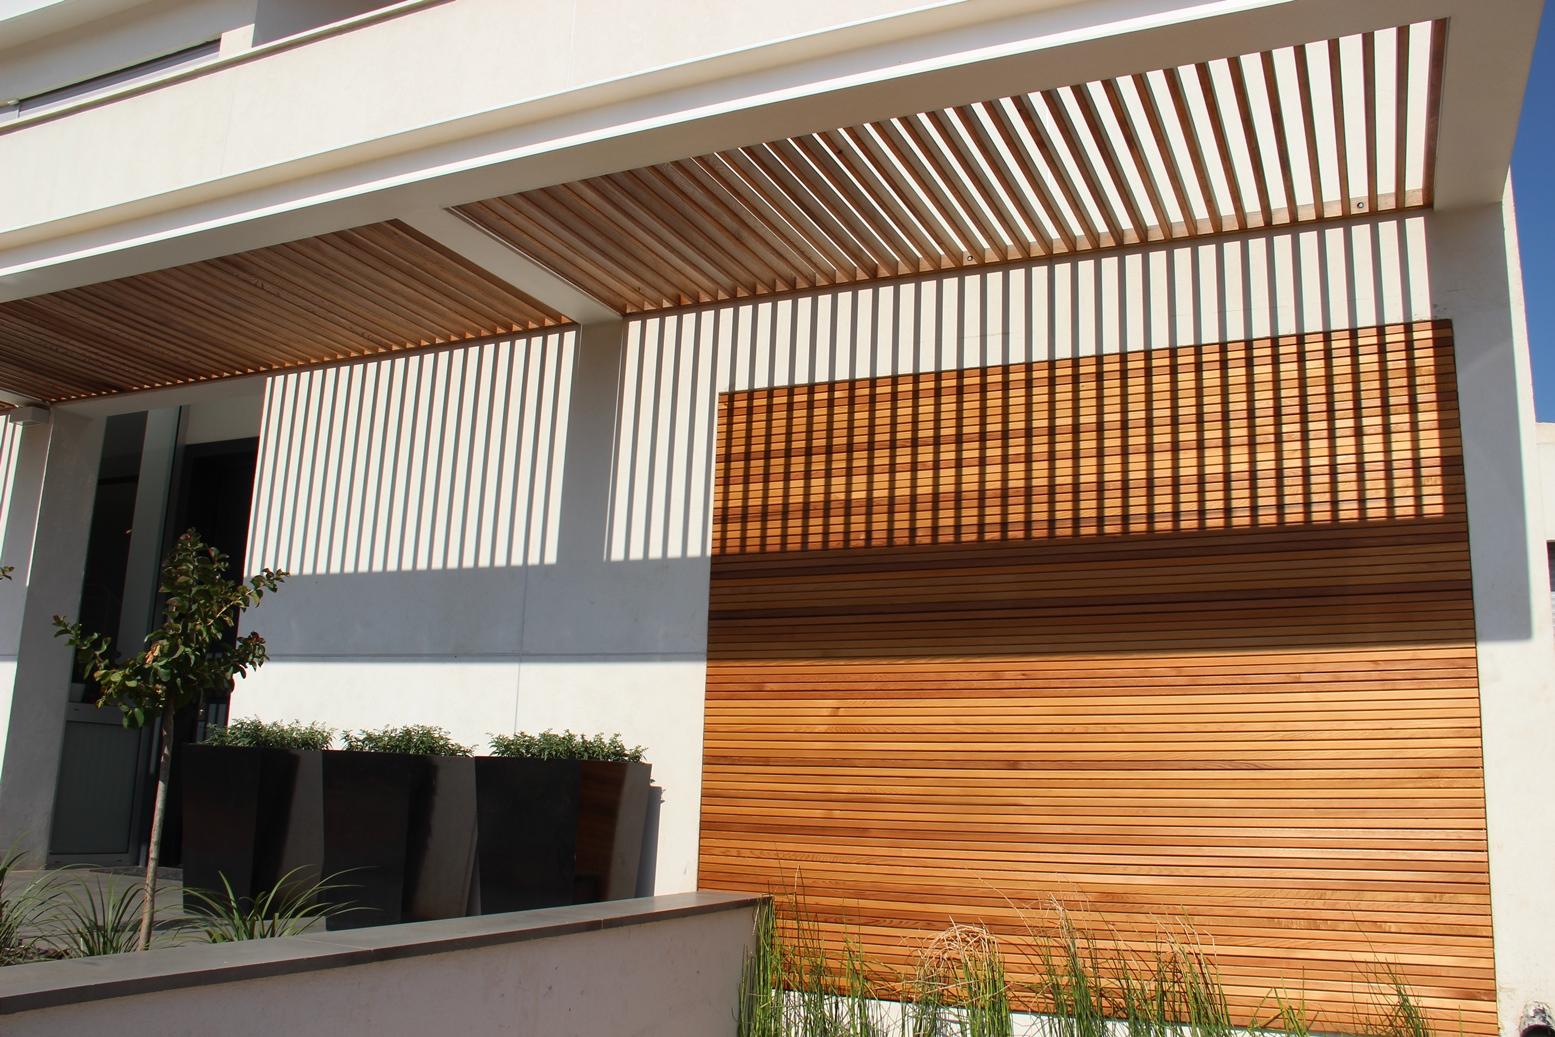 חיפוי קירות חיצוניות באלומיניום דמוי עץ